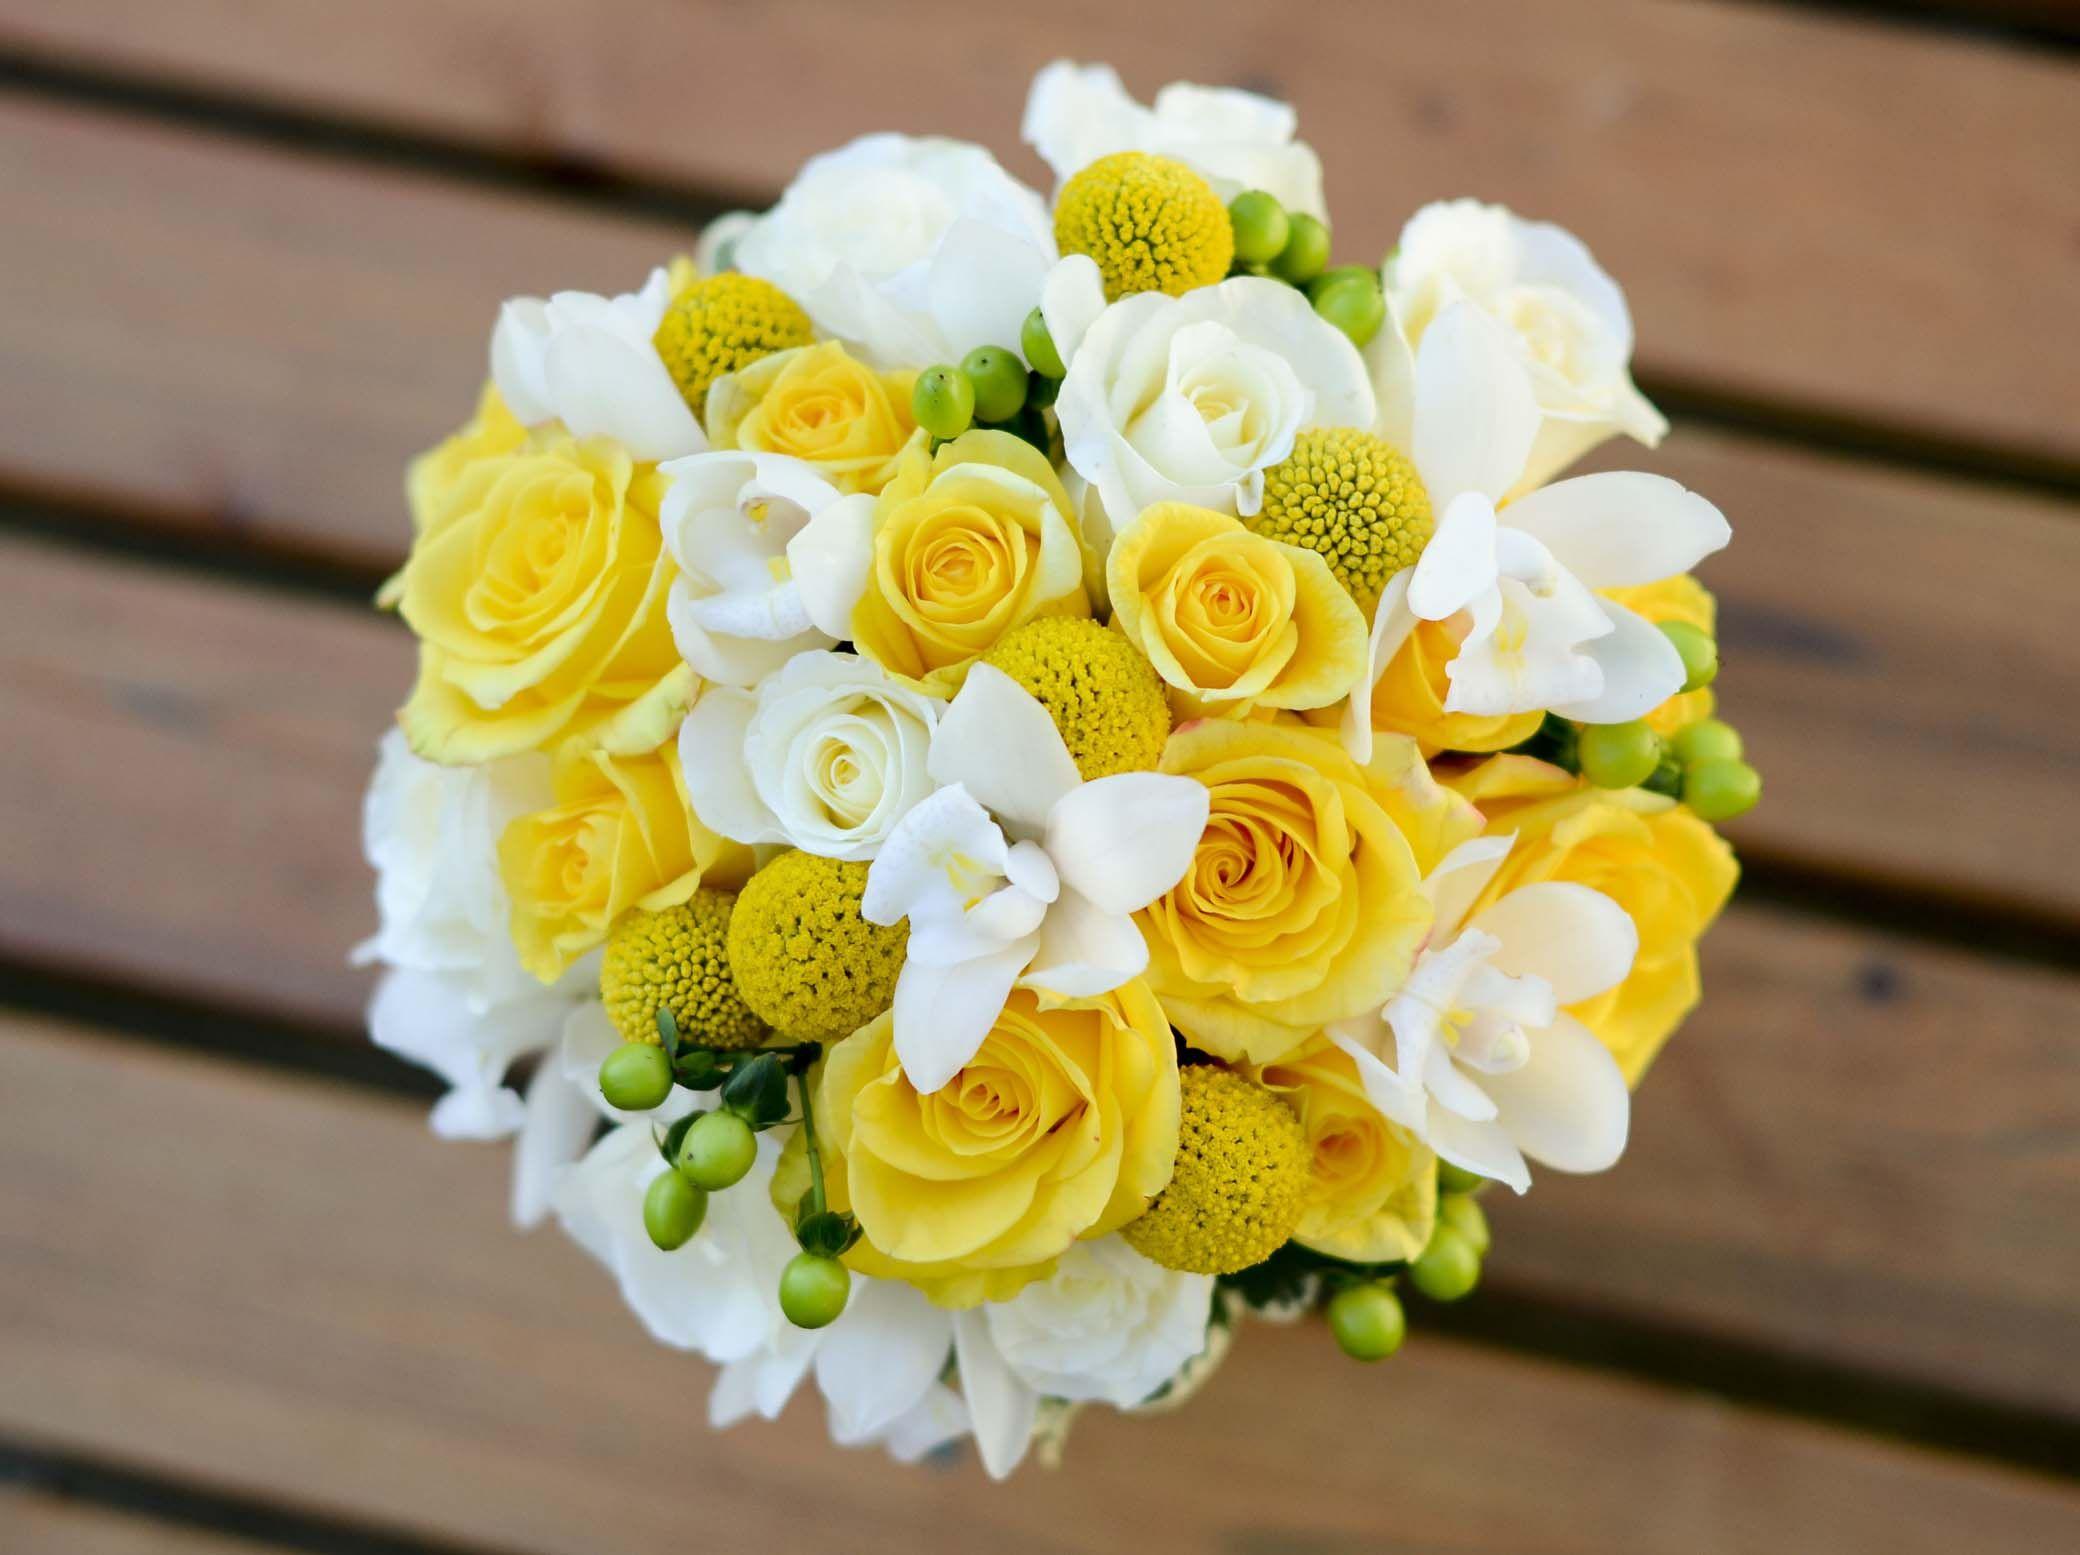 Fiori Gialli Per Bouquet.Bouquet Sposa In Giallo Foto Dal Web Mazzi Di Fiori Gialli